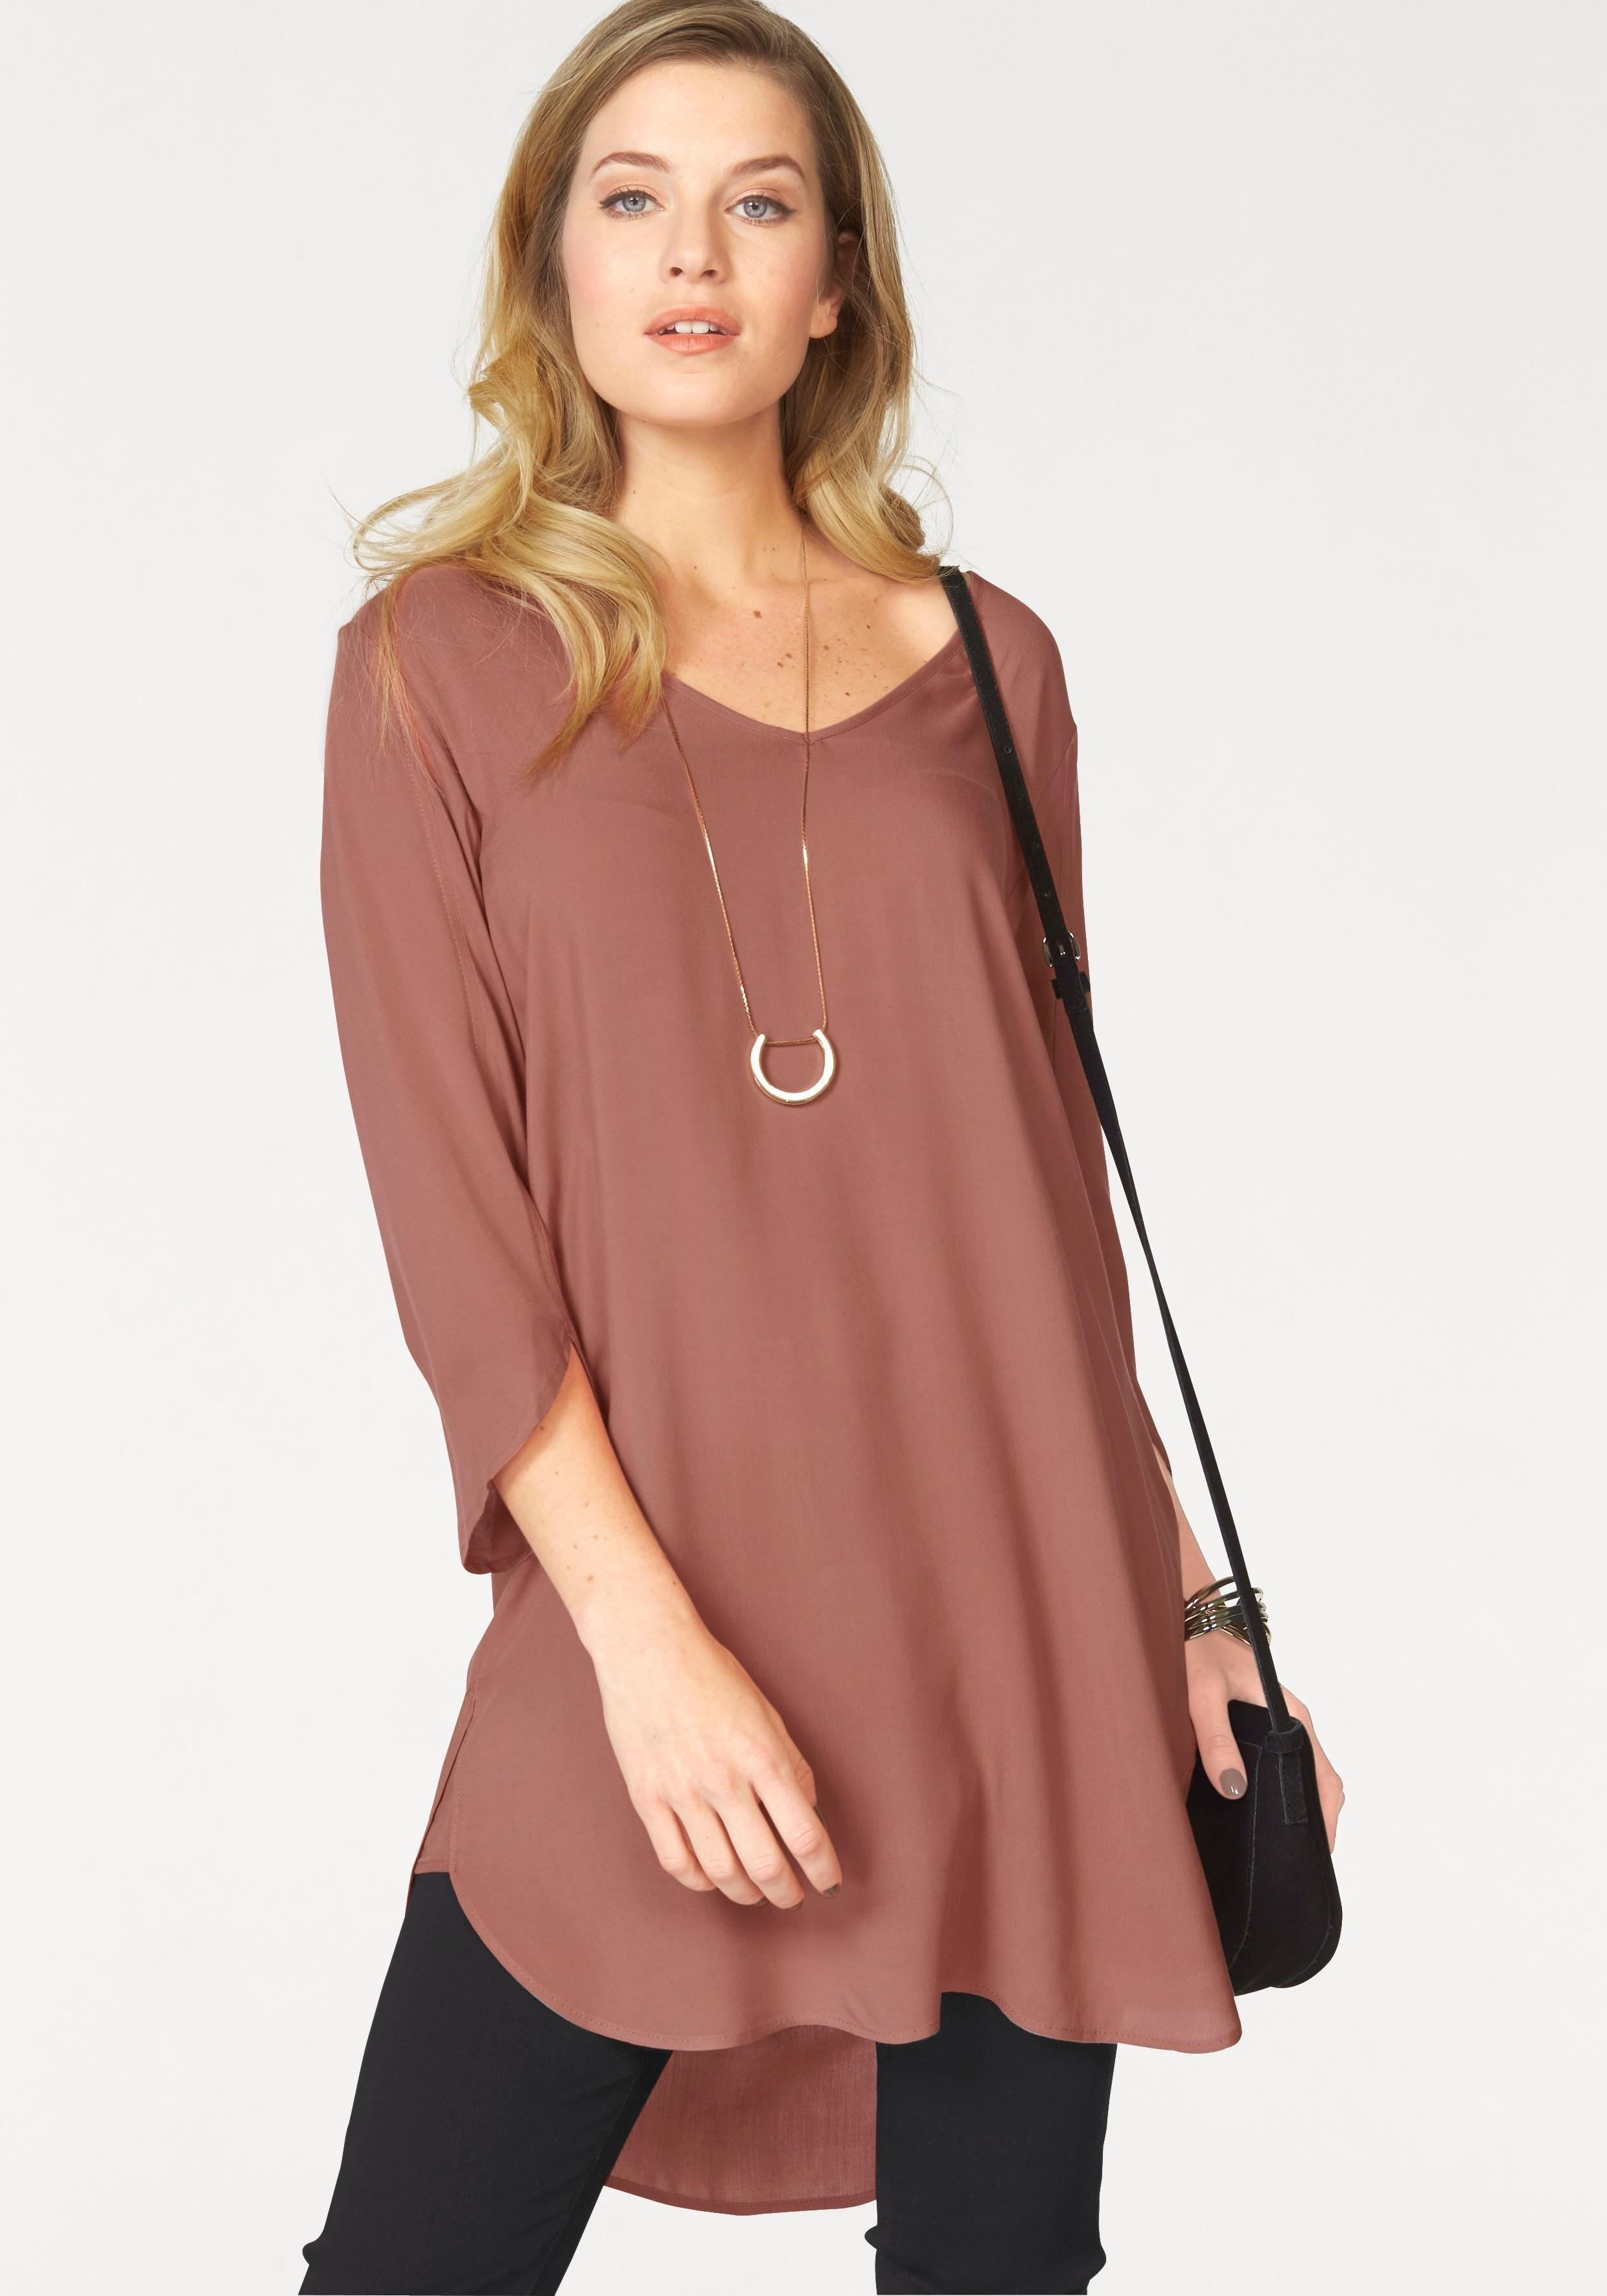 VERO MODA lange blouse »BOCA« voordelig en veilig online kopen